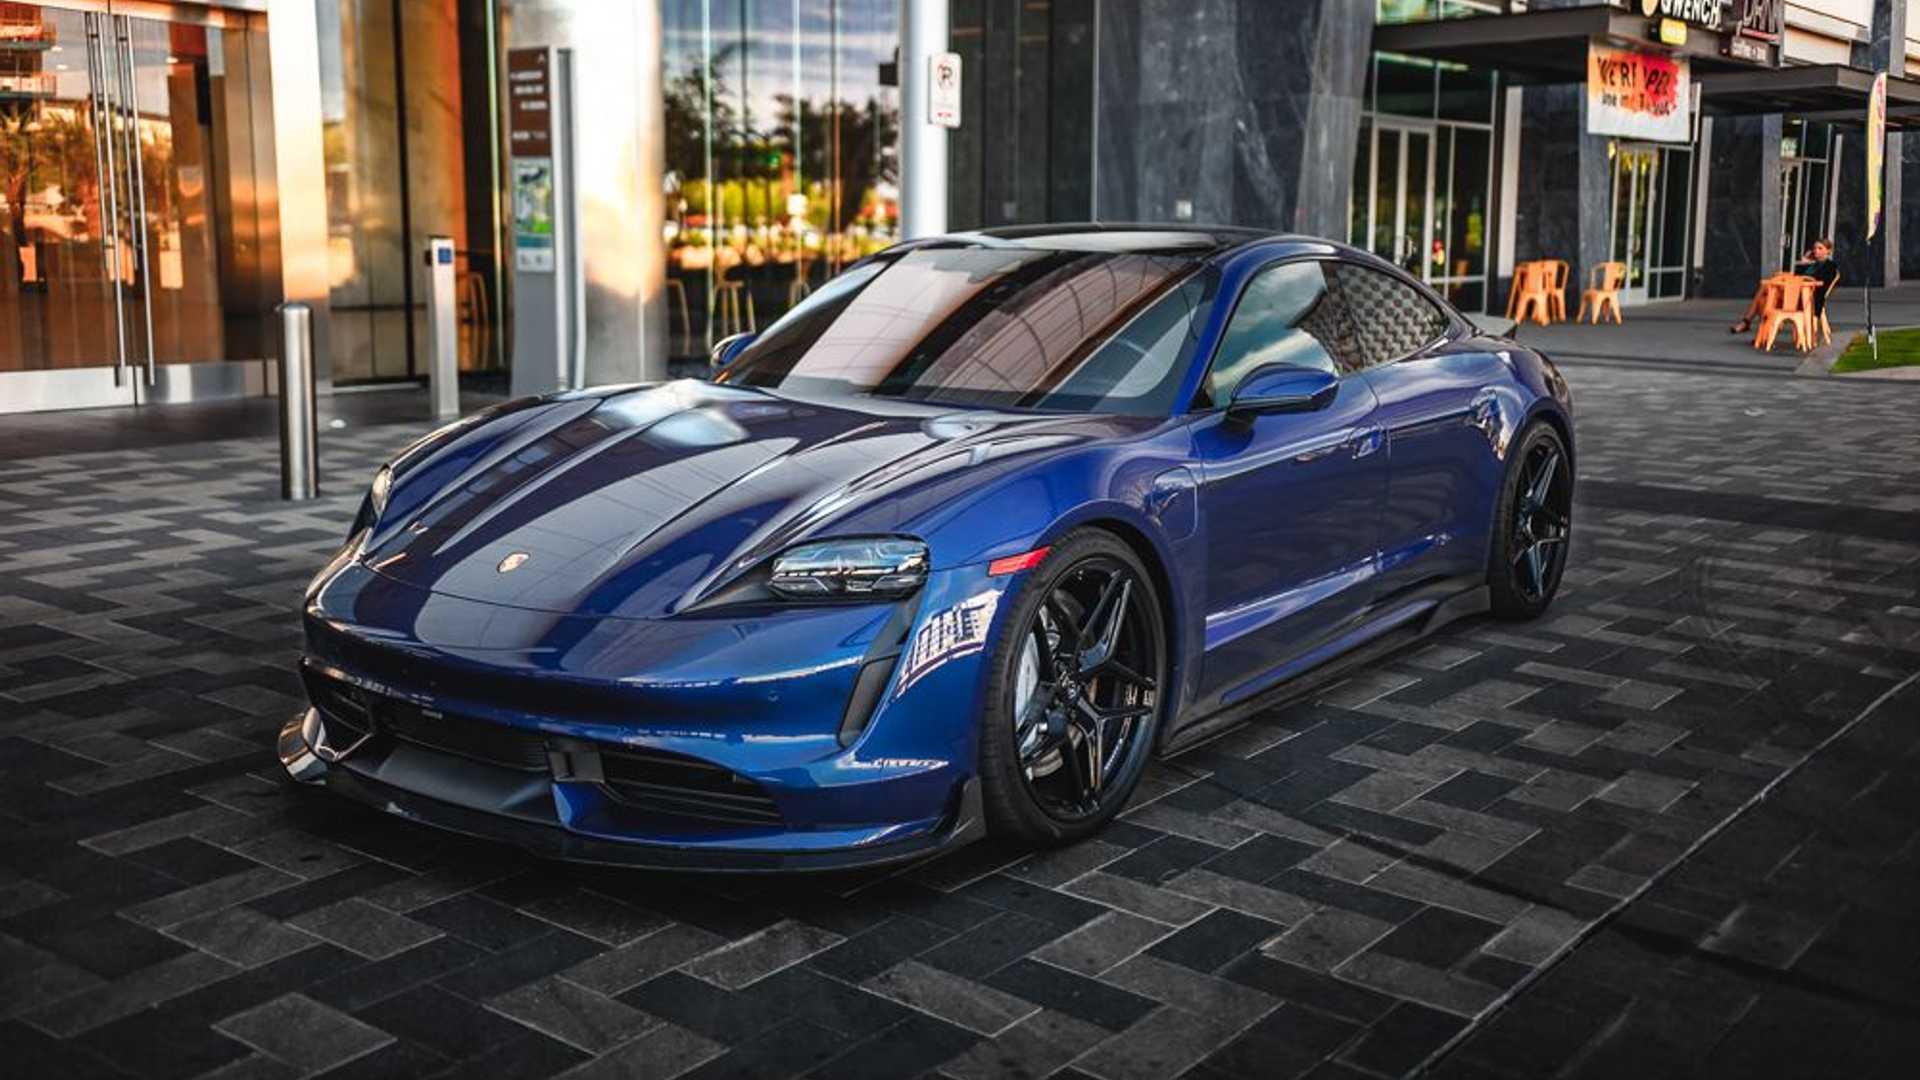 Porsche-Taycan-by-Vivid-Racing-15